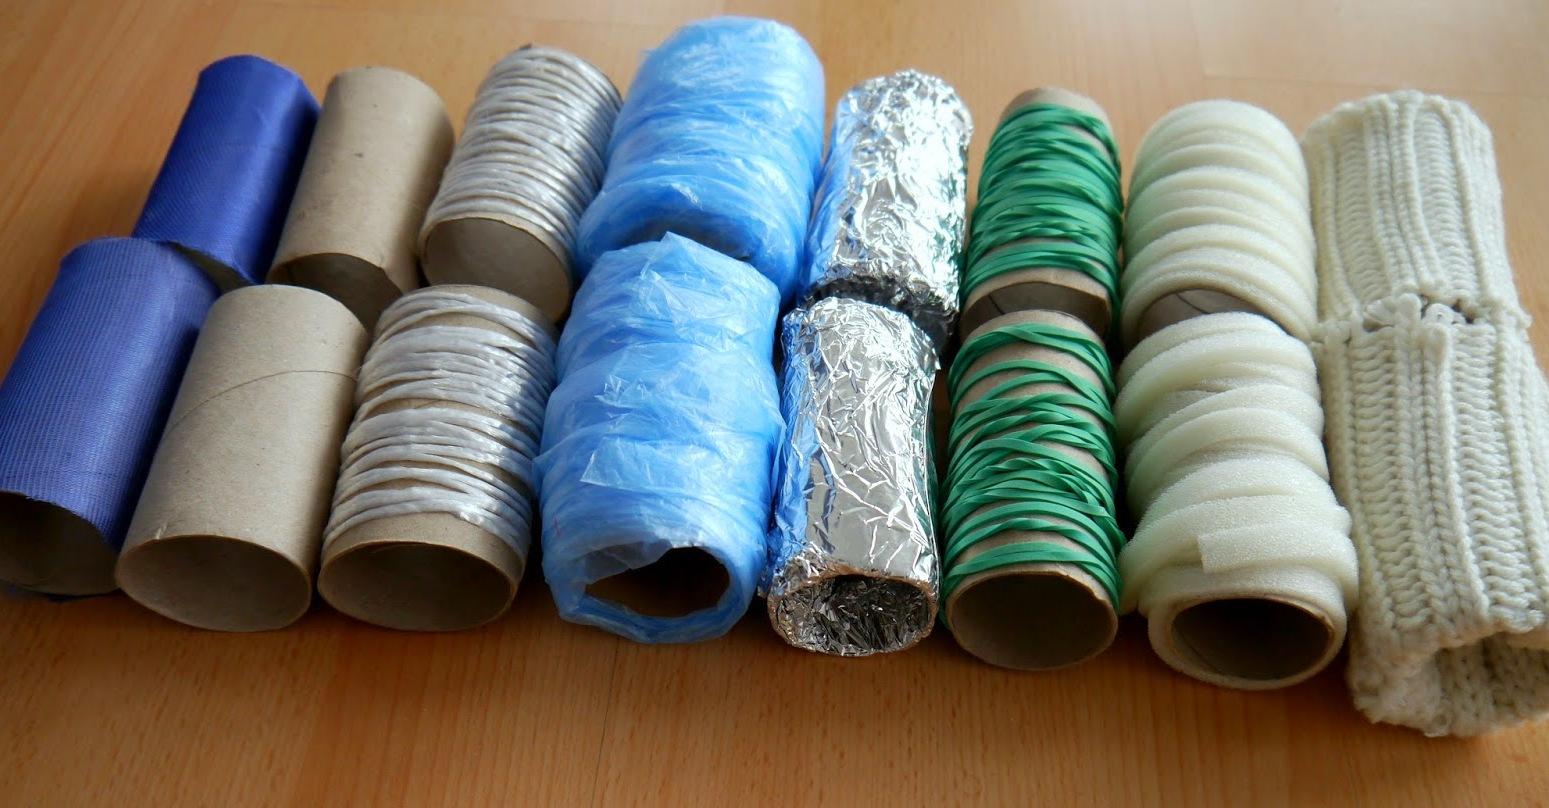 как можно использовать рулоны туалетной бумаги интересное развлечение для детей из рулонов